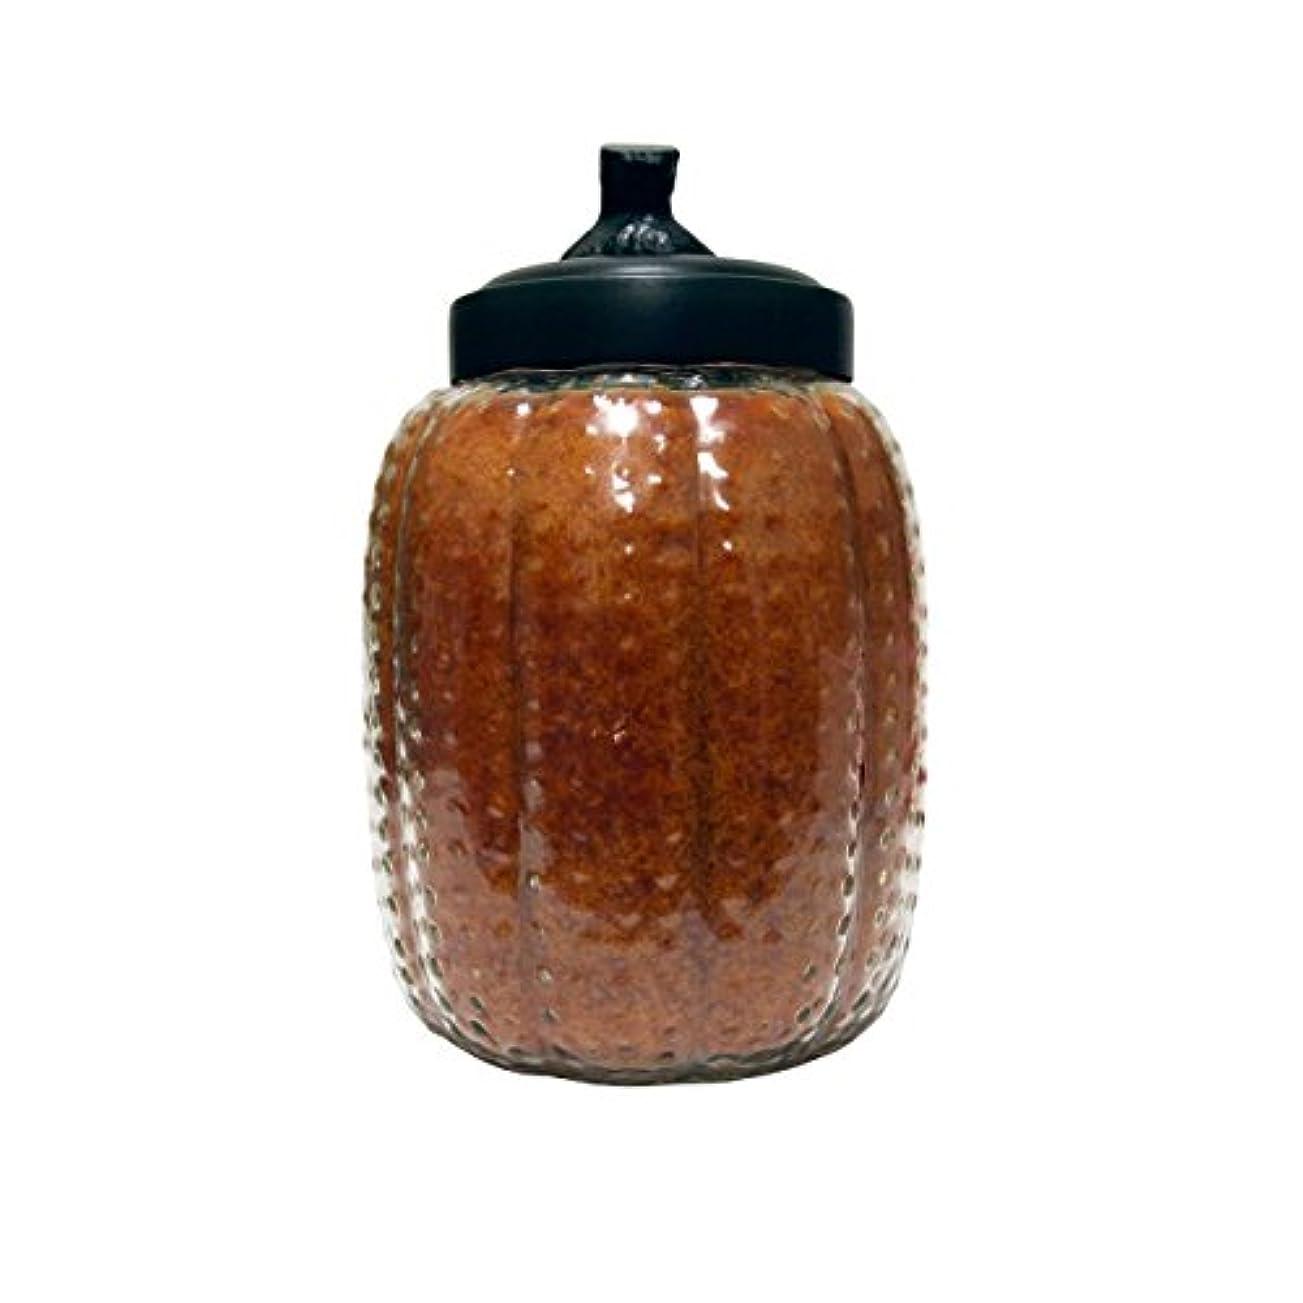 無意味合金ウェーハA Cheerful Giver Autumn Orchards Pumpkin Jar Candle, 26-Ounce by Cheerful Giver [並行輸入品]